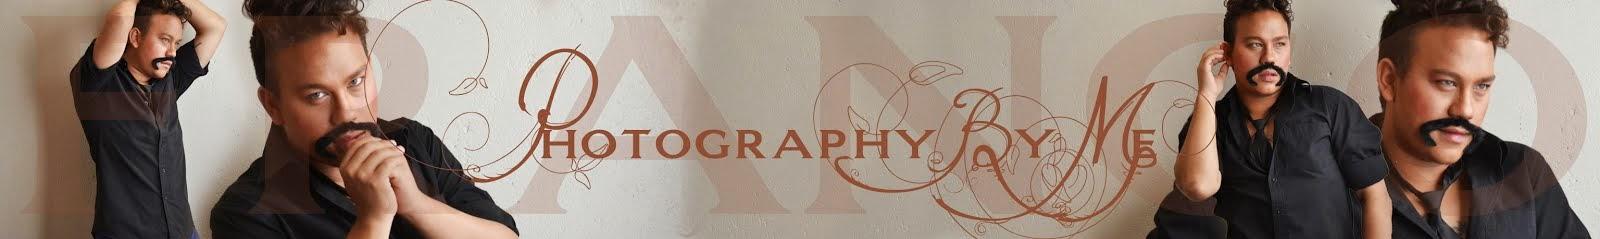 PhotographyByMe